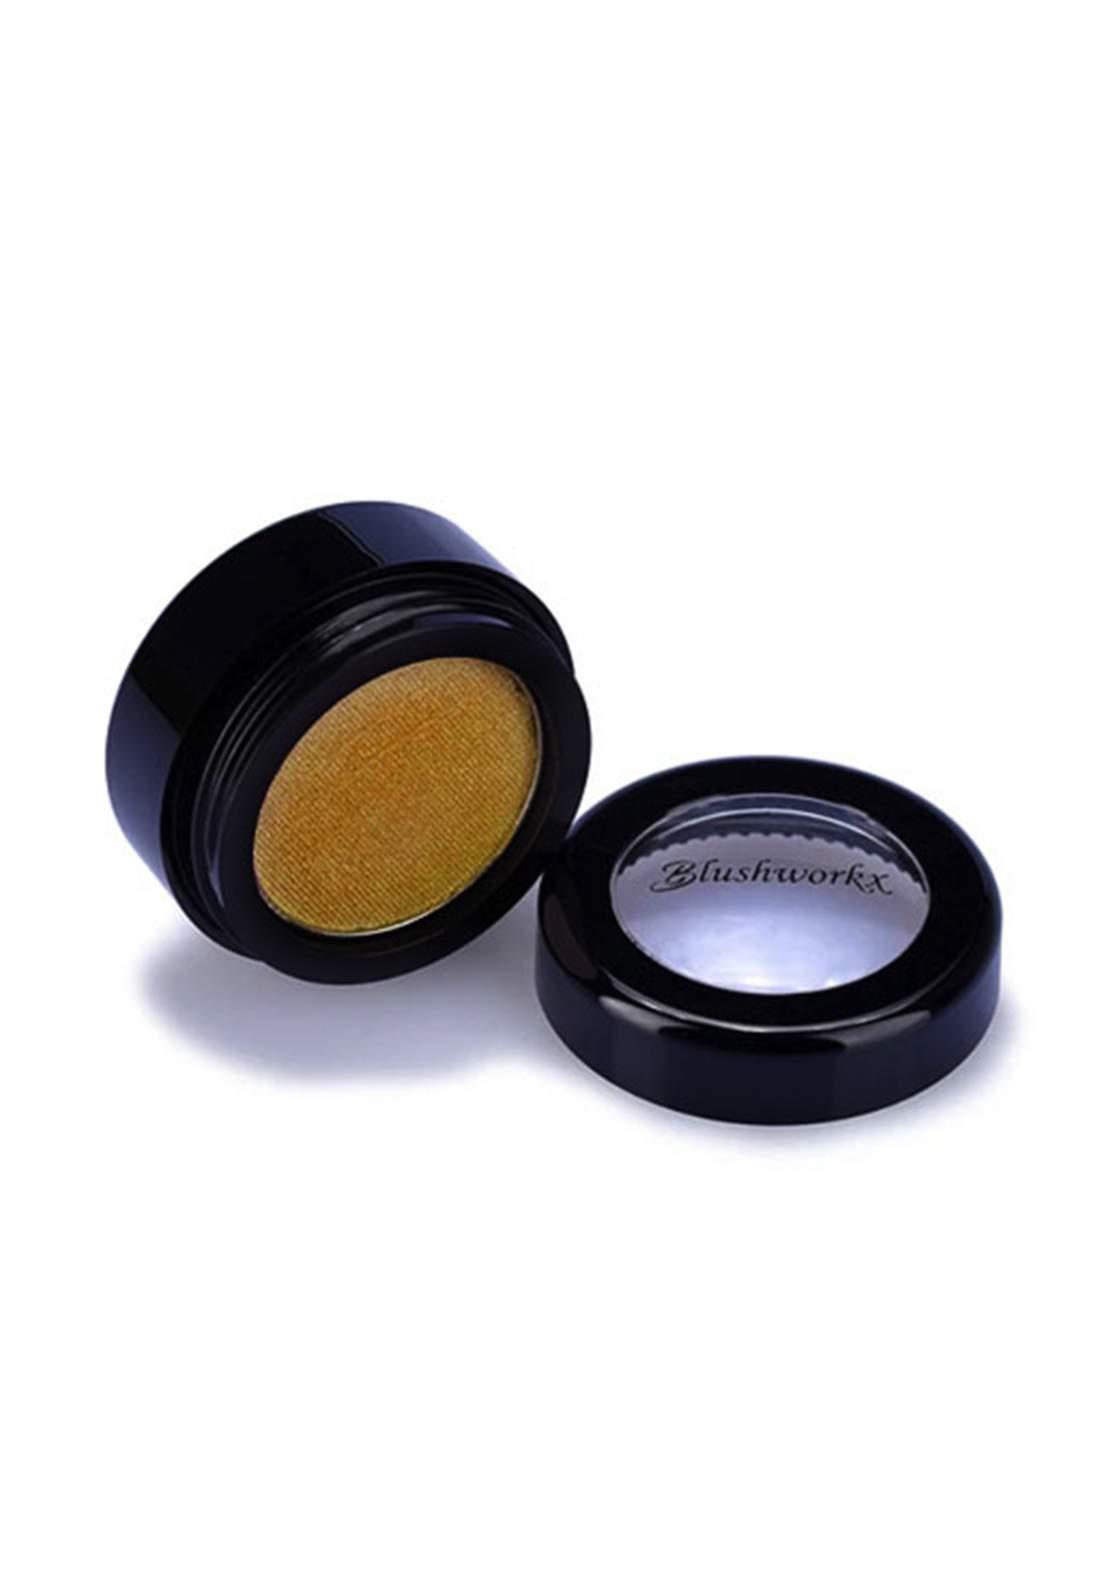 Blushworkx Hollywood Mineral Eye Color No.B83 Goddess 1.8g ظلال للعيون